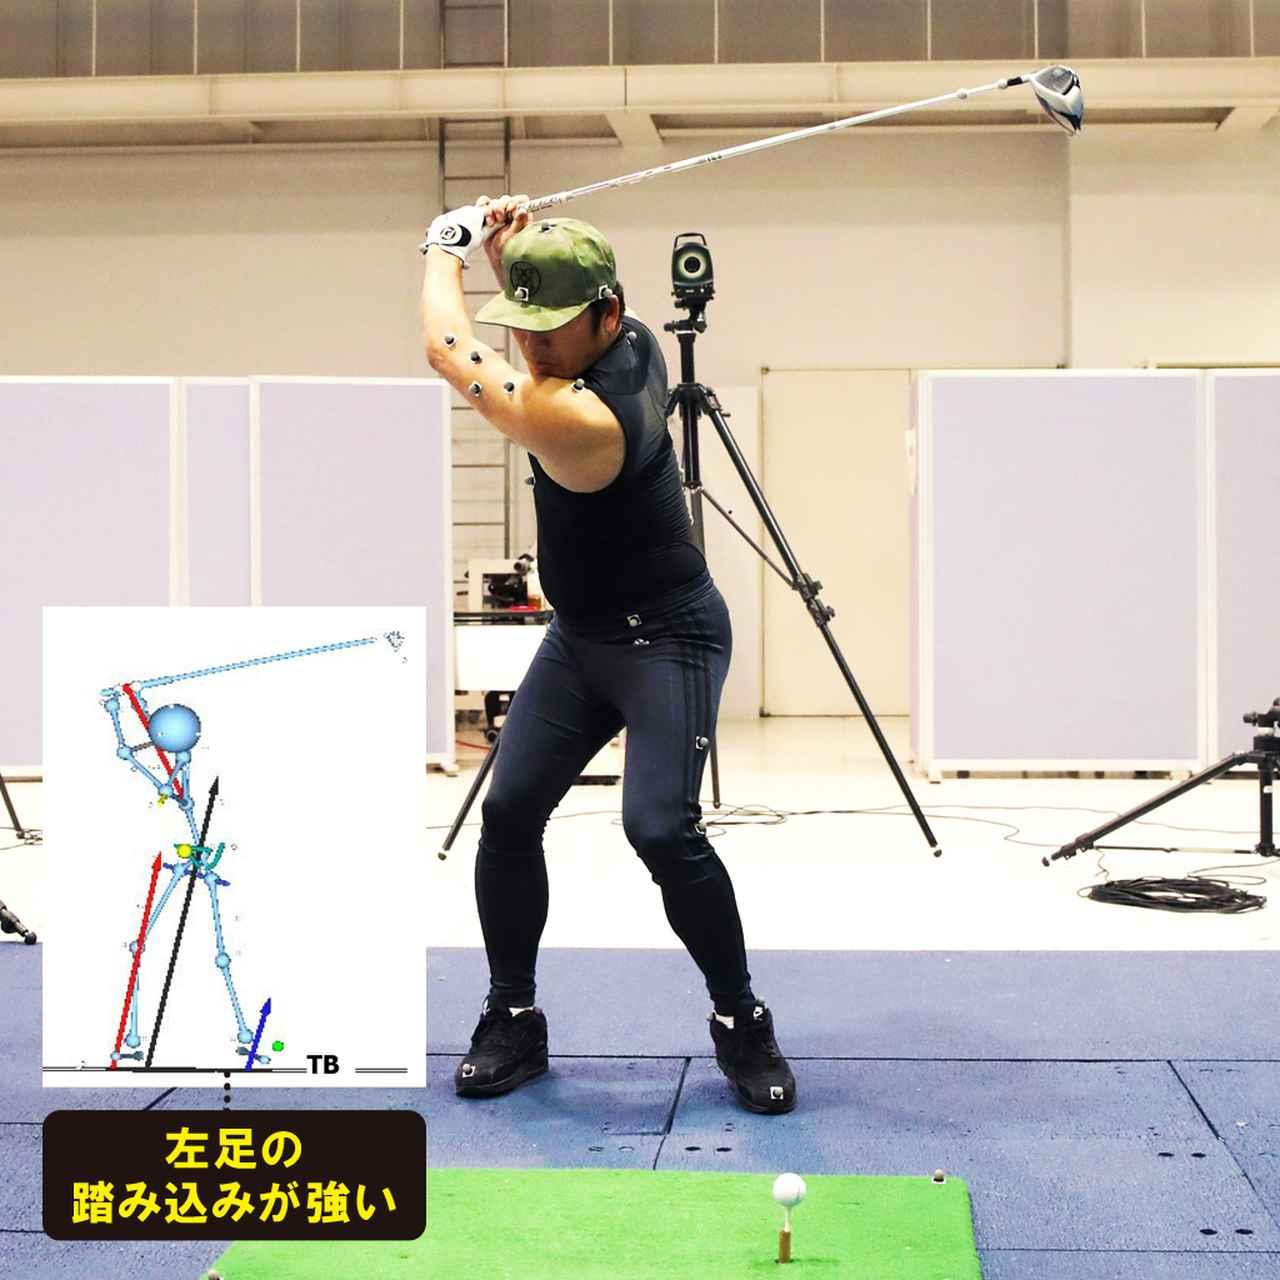 画像9: 【チェ・ホソン】反力打法のDr.クォンがフィッシャーマンズスウィングを解剖。片足で回ると飛距離が伸びるその仕組み